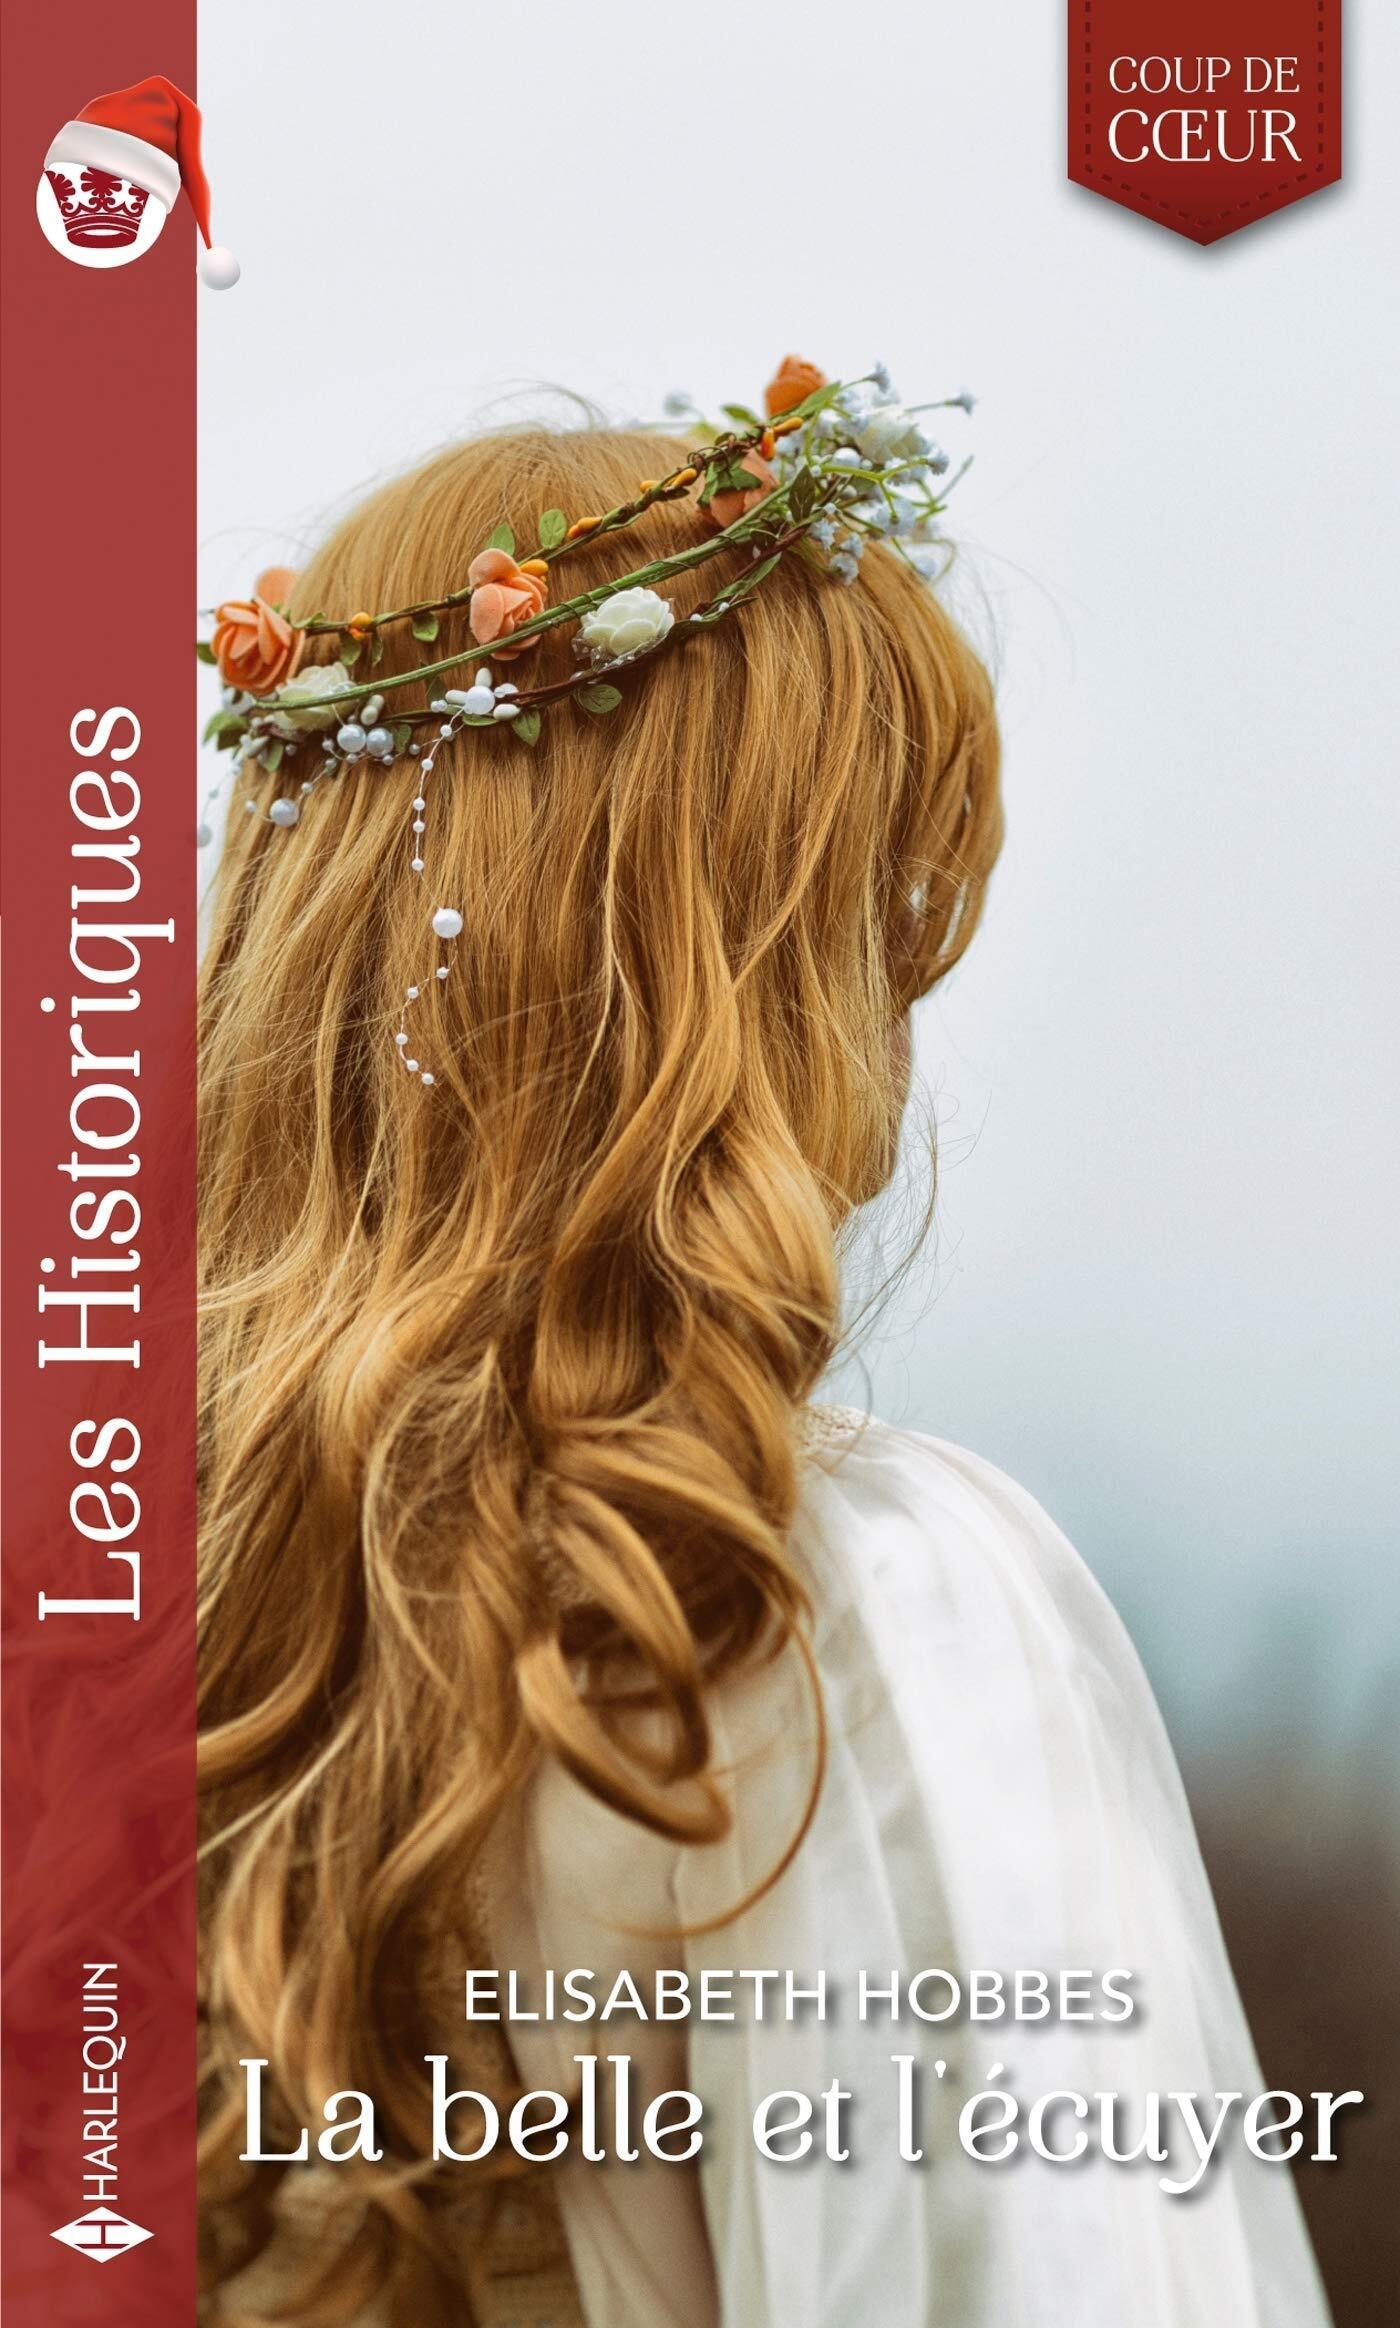 cdn1.booknode.com/book_cover/1400/full/la-belle-et-l-ecuyer-1399901.jpg